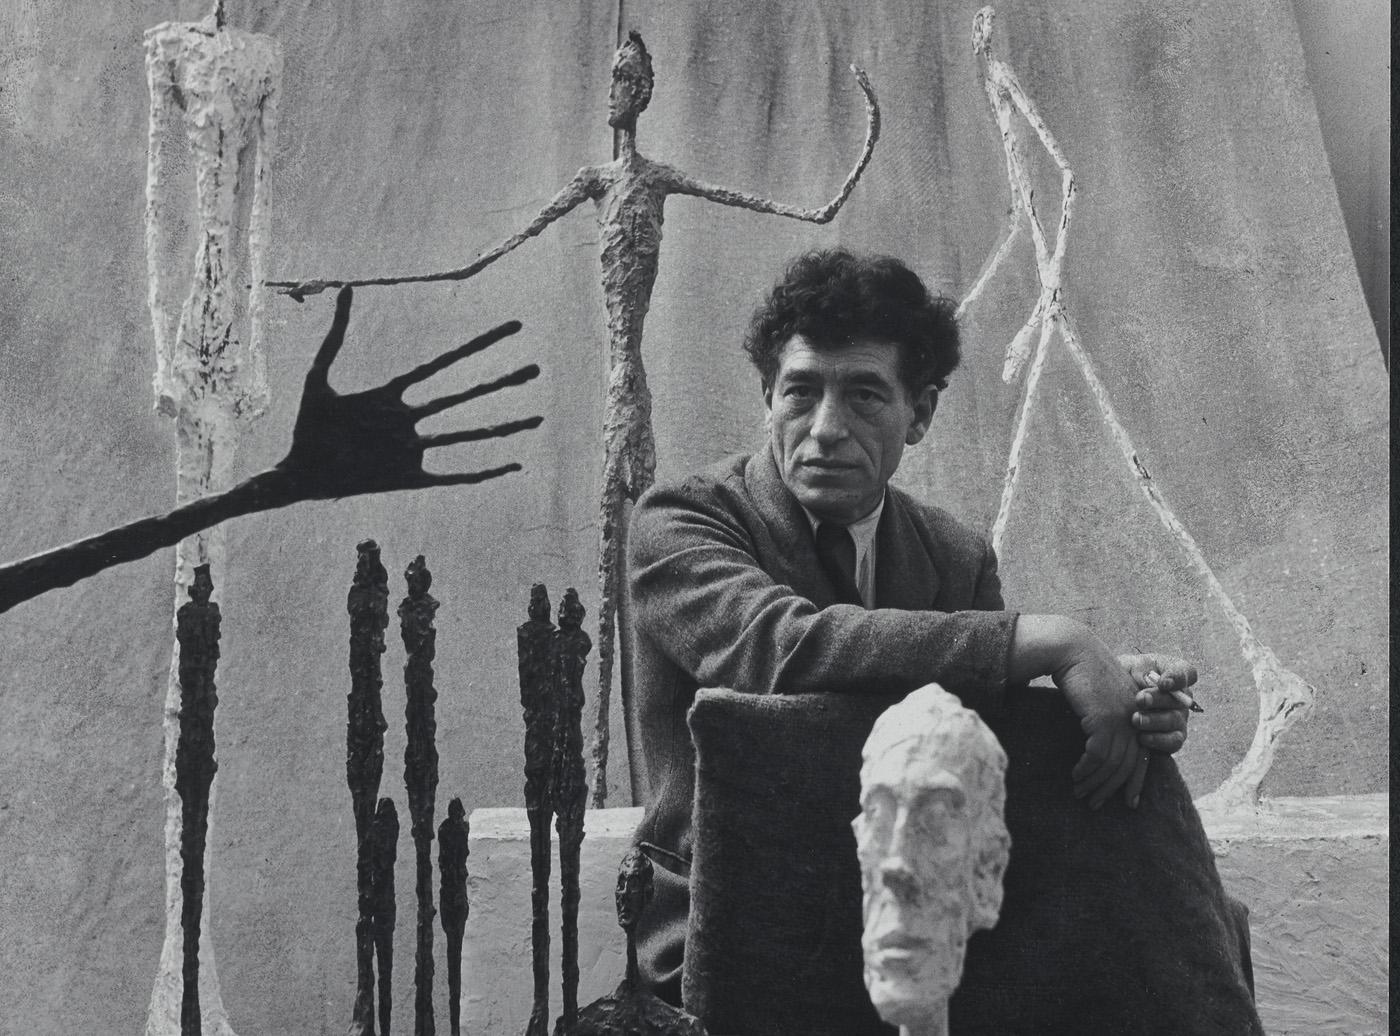 Alberto Giacometti, 1951. Fotografía de Gordon Parks. Fondation Giacometti, París. © The Gordon Parks Foundation.